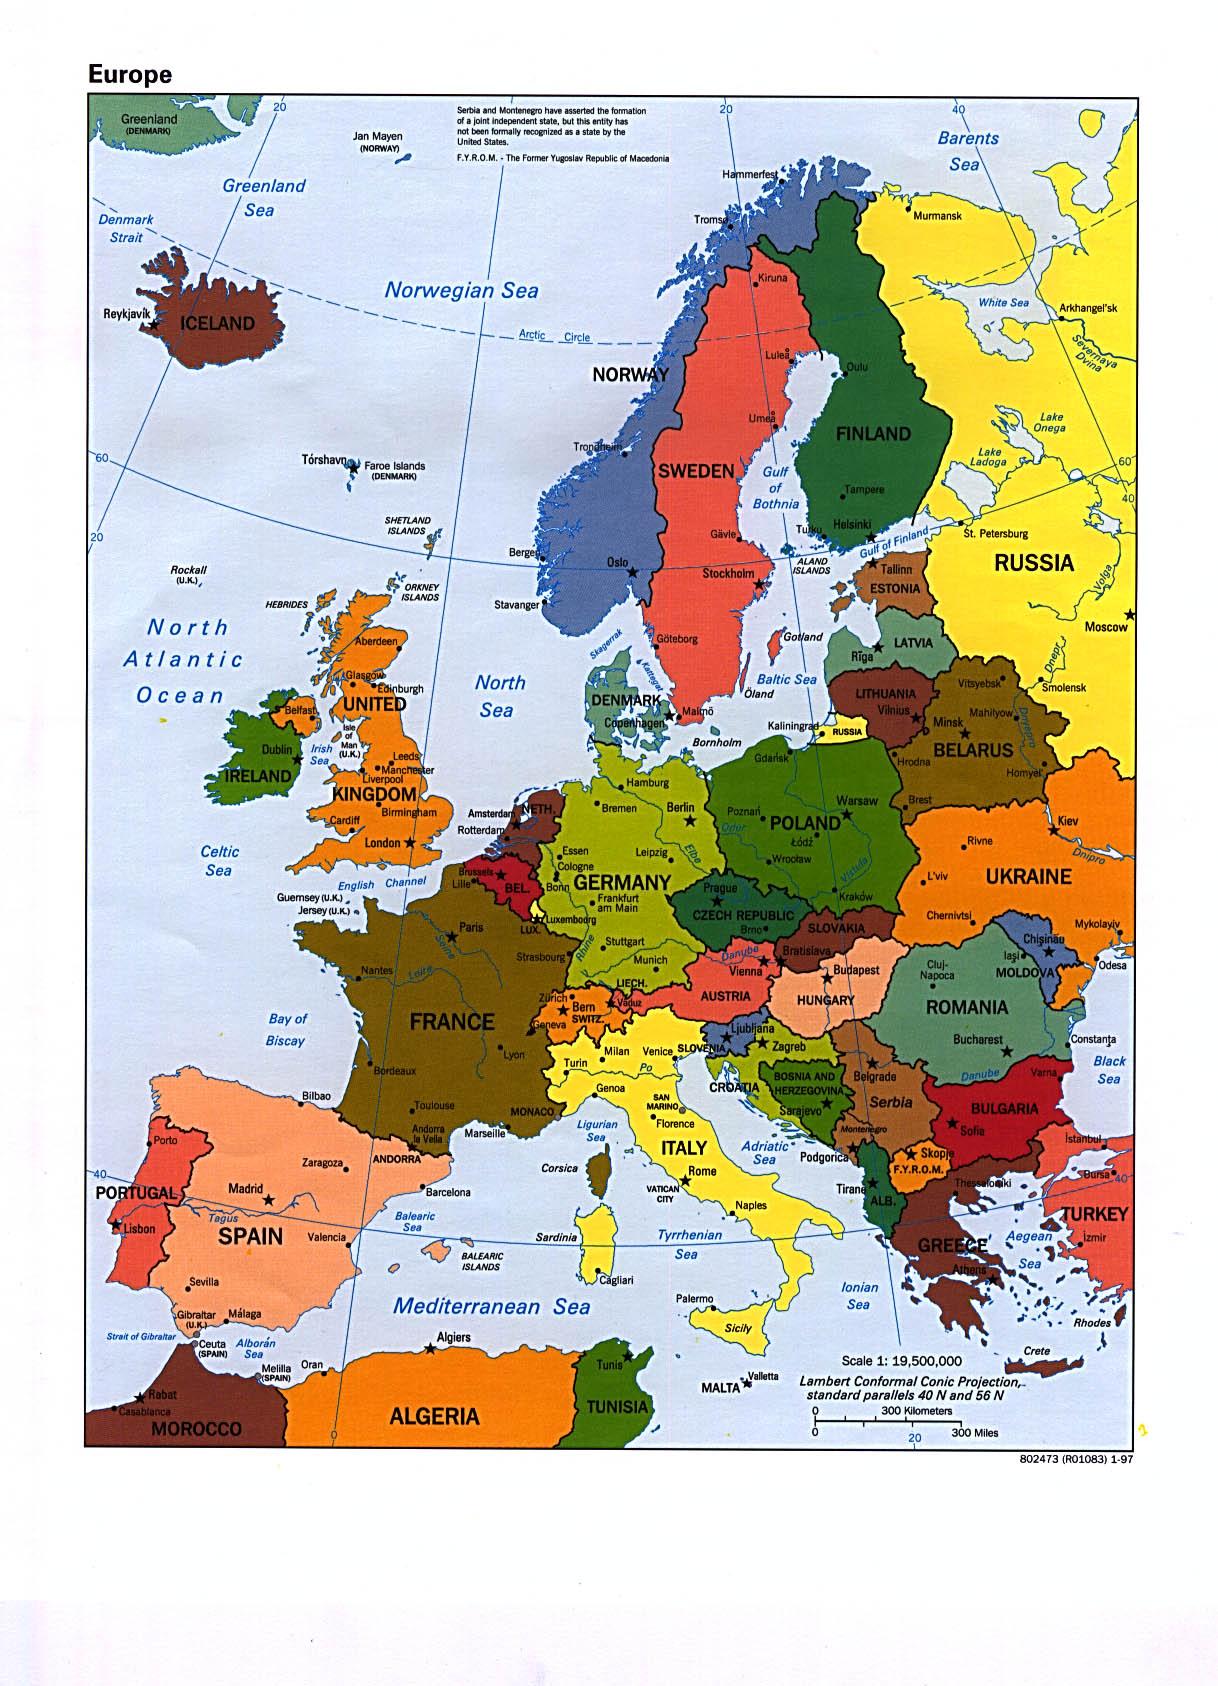 Mapa Politico de Europa 1997